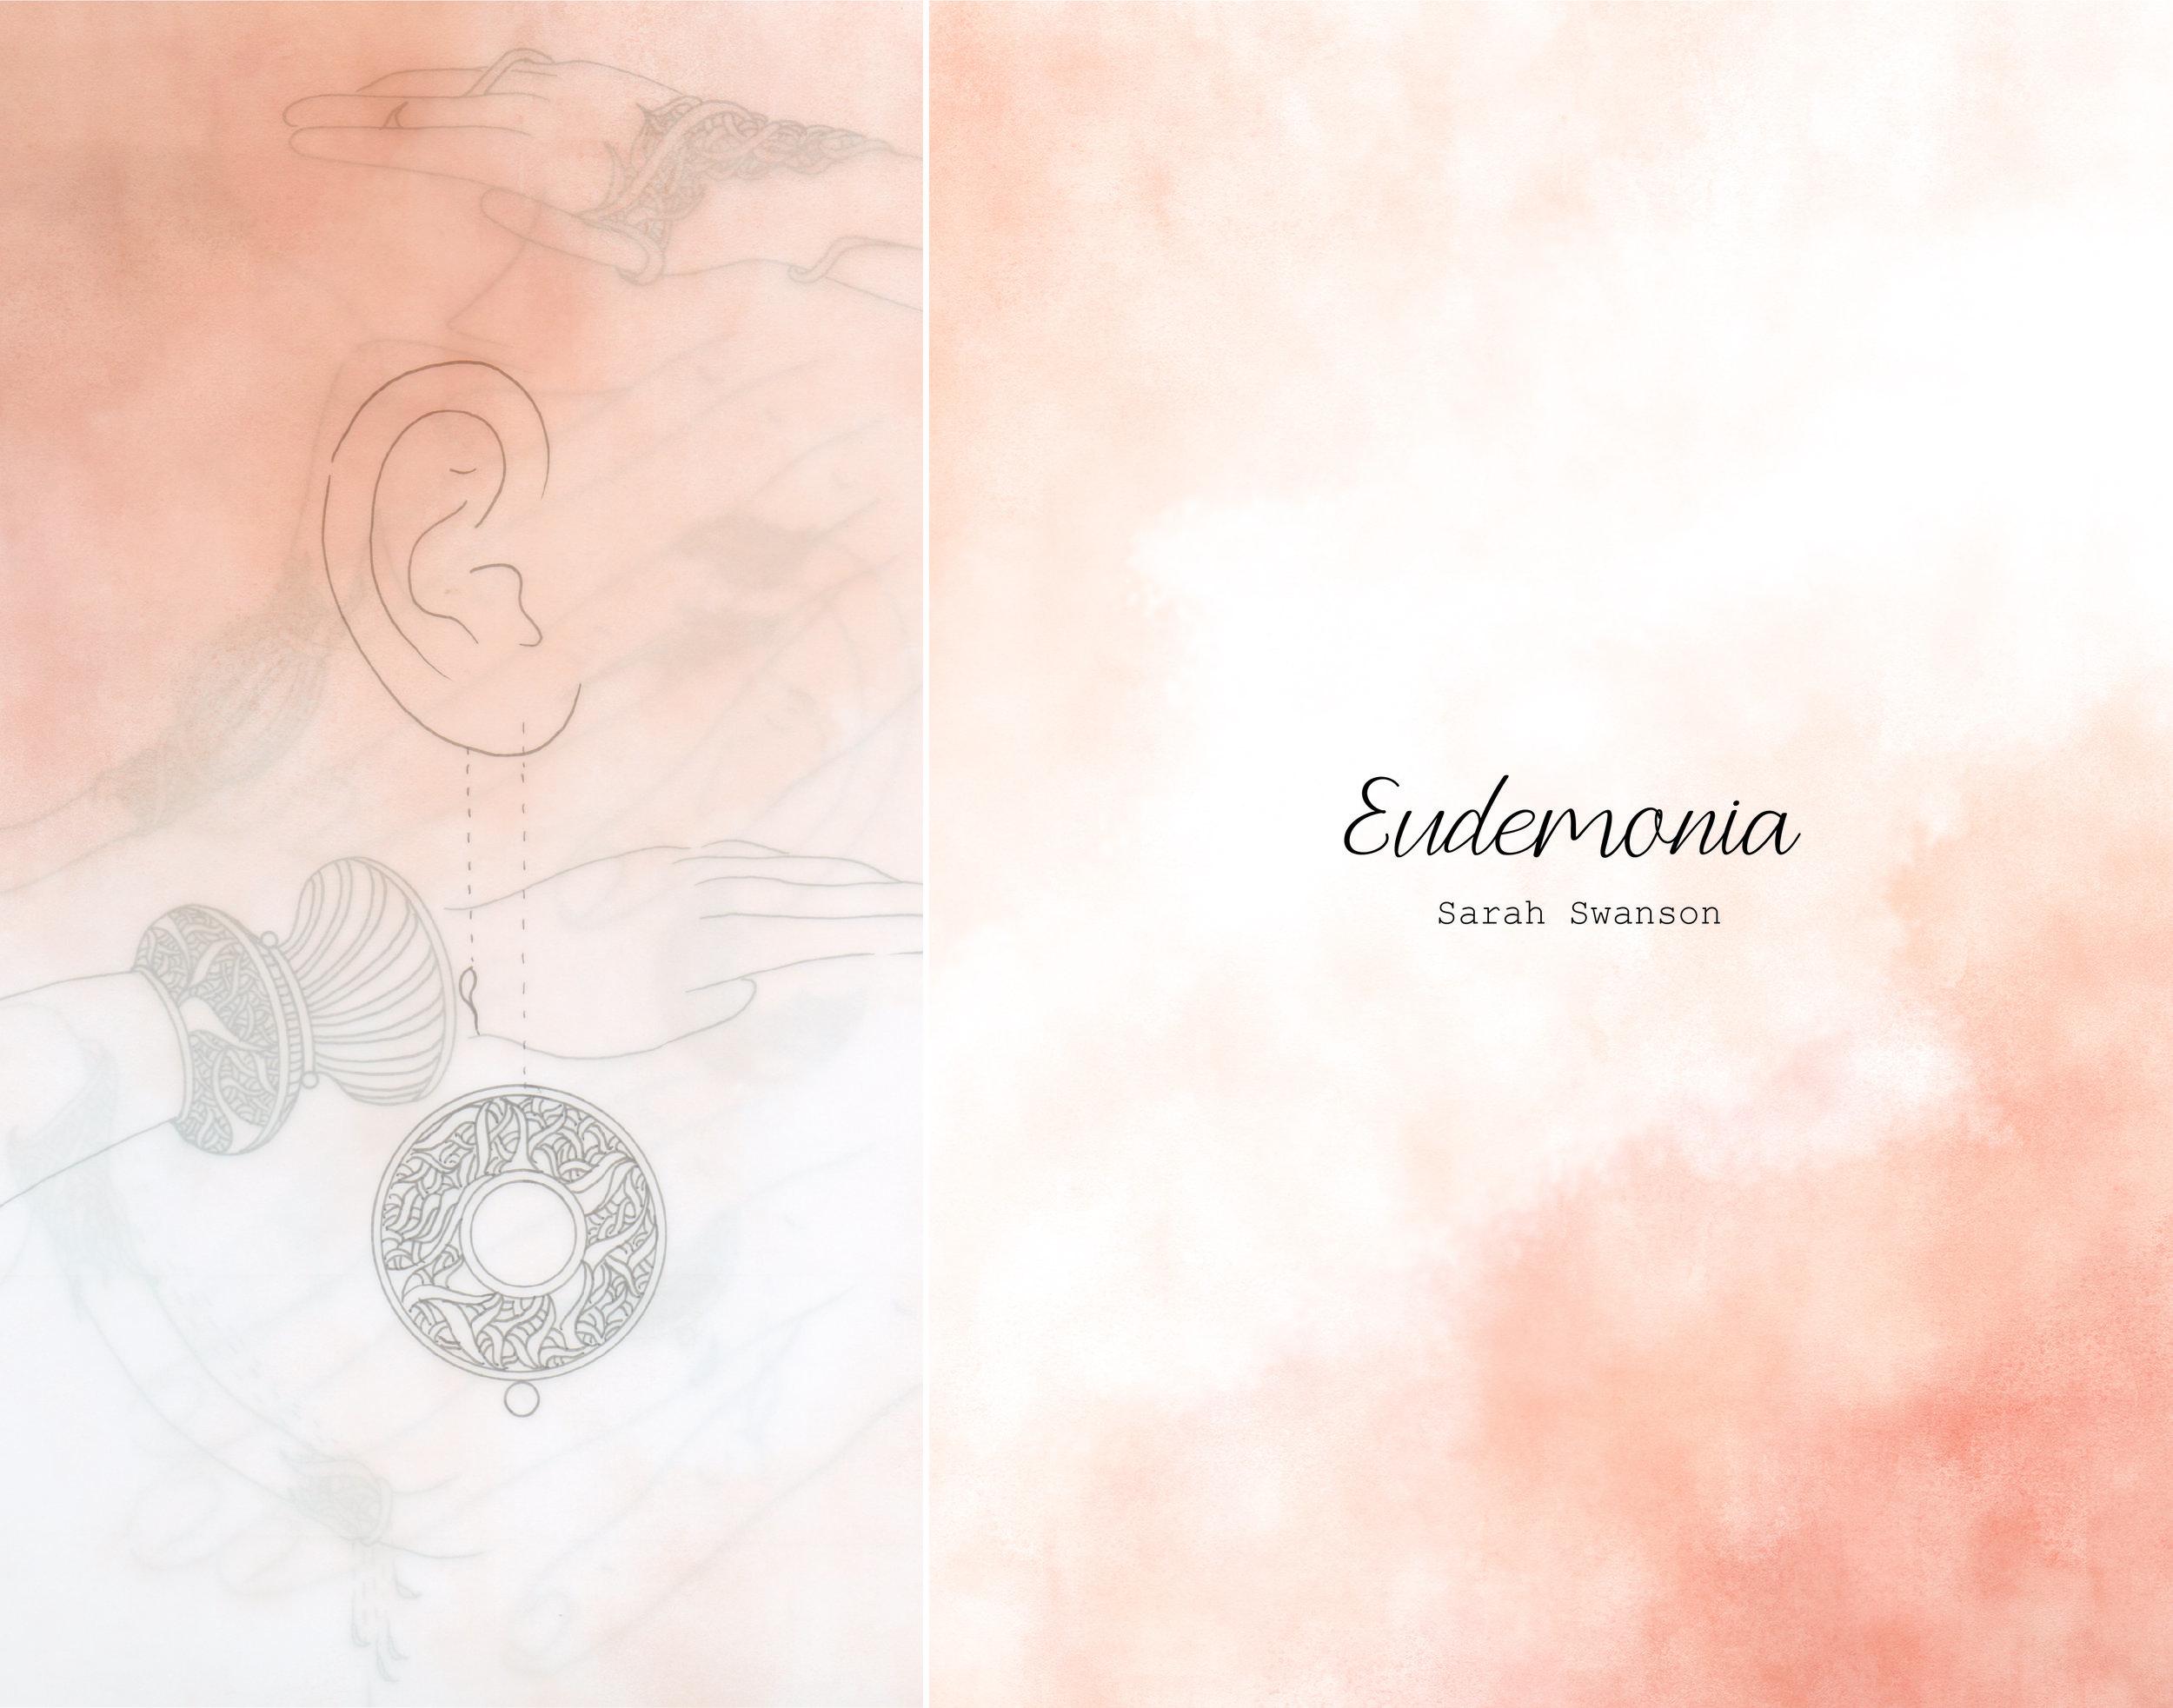 Swanson_Sarah_Eudemonia Cover Page